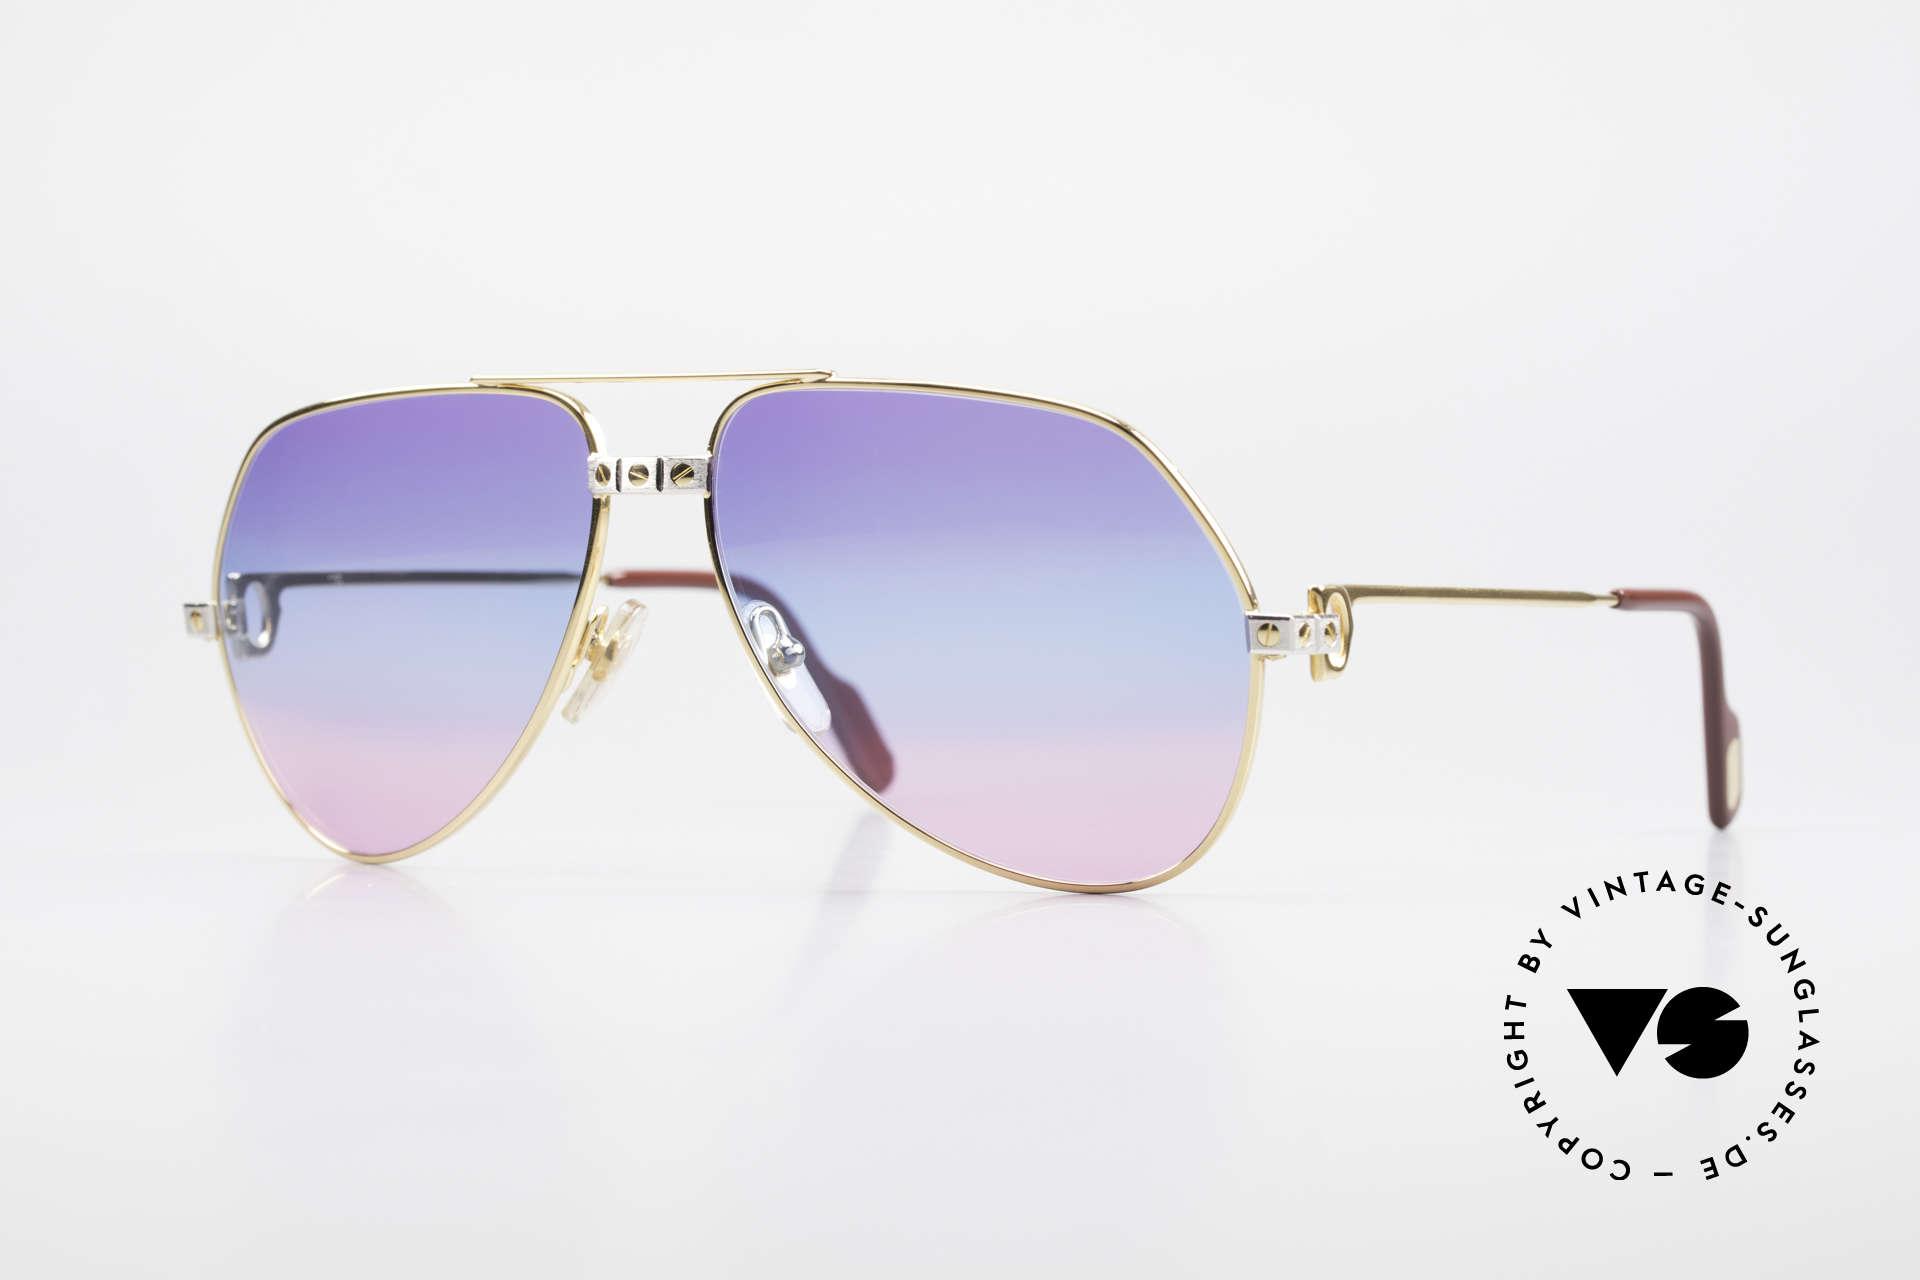 Cartier Vendome Santos - M Unikat Sammler Sonnenbrille, Vendome = das berühmteste Brillendesign von CARTIER, Passend für Herren und Damen